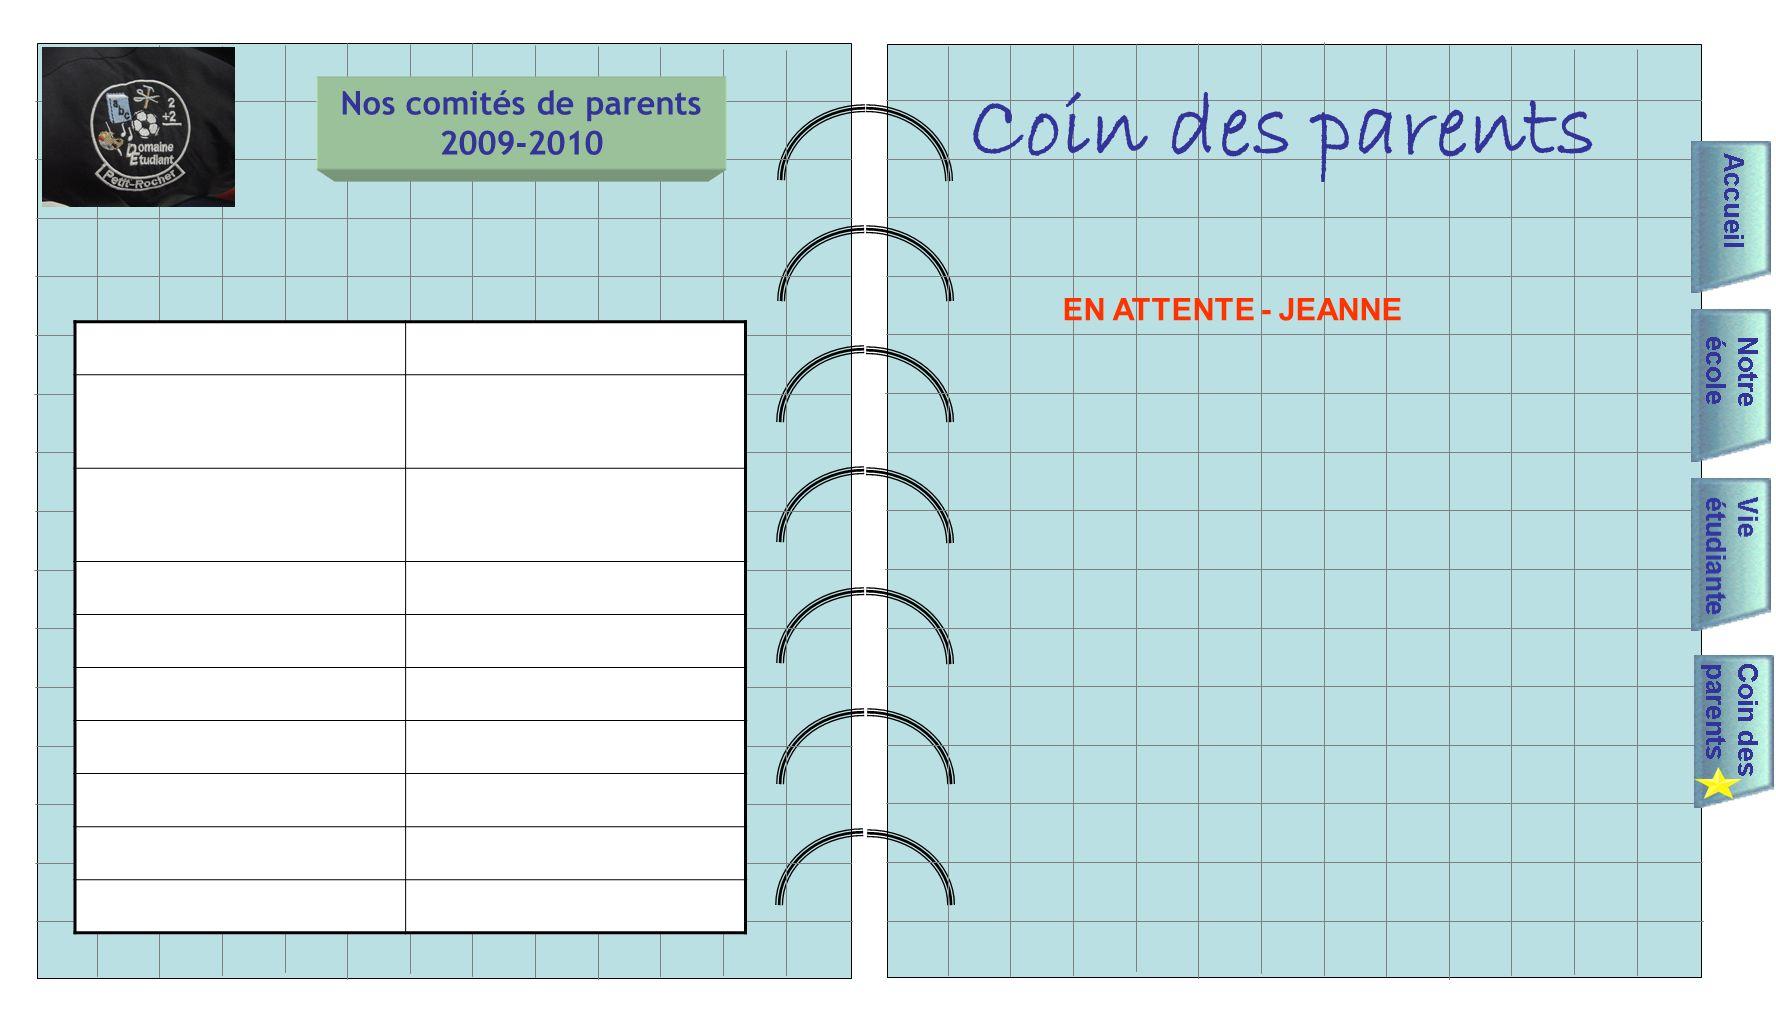 Nos comités de parents 2009-2010